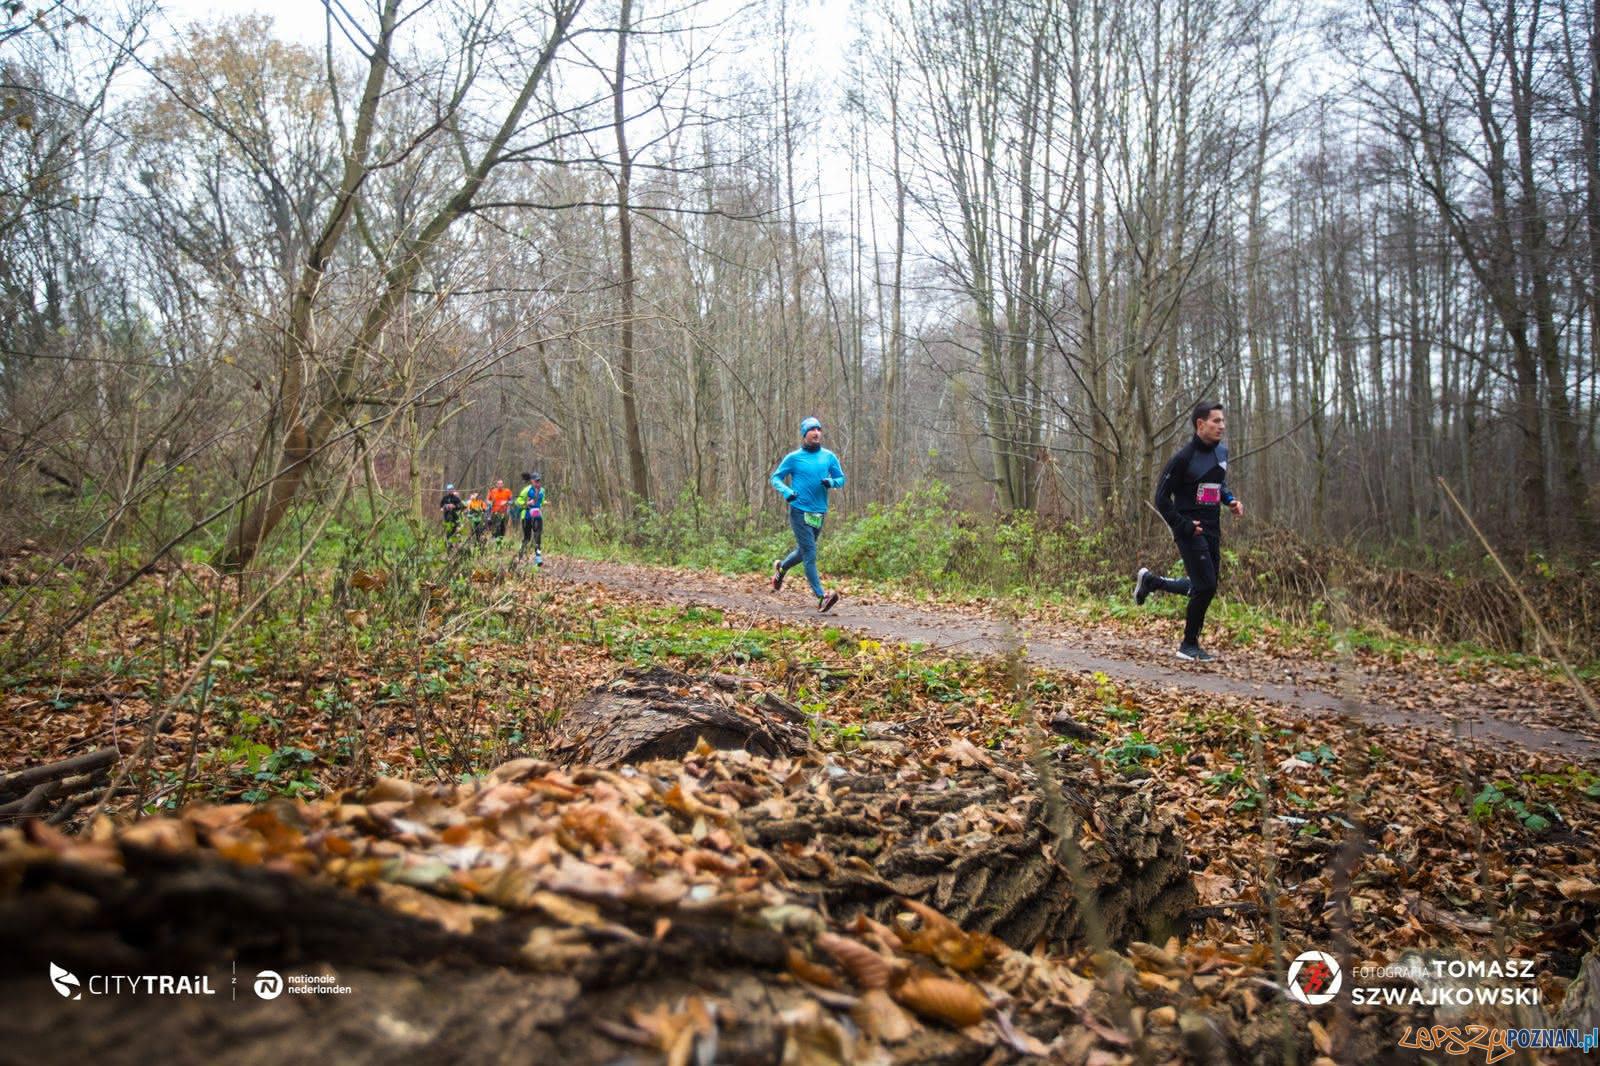 City Trail - bieanie nad Rusałką  Foto: Tomasz Szwejkowski / City Trail / materiały prasowe